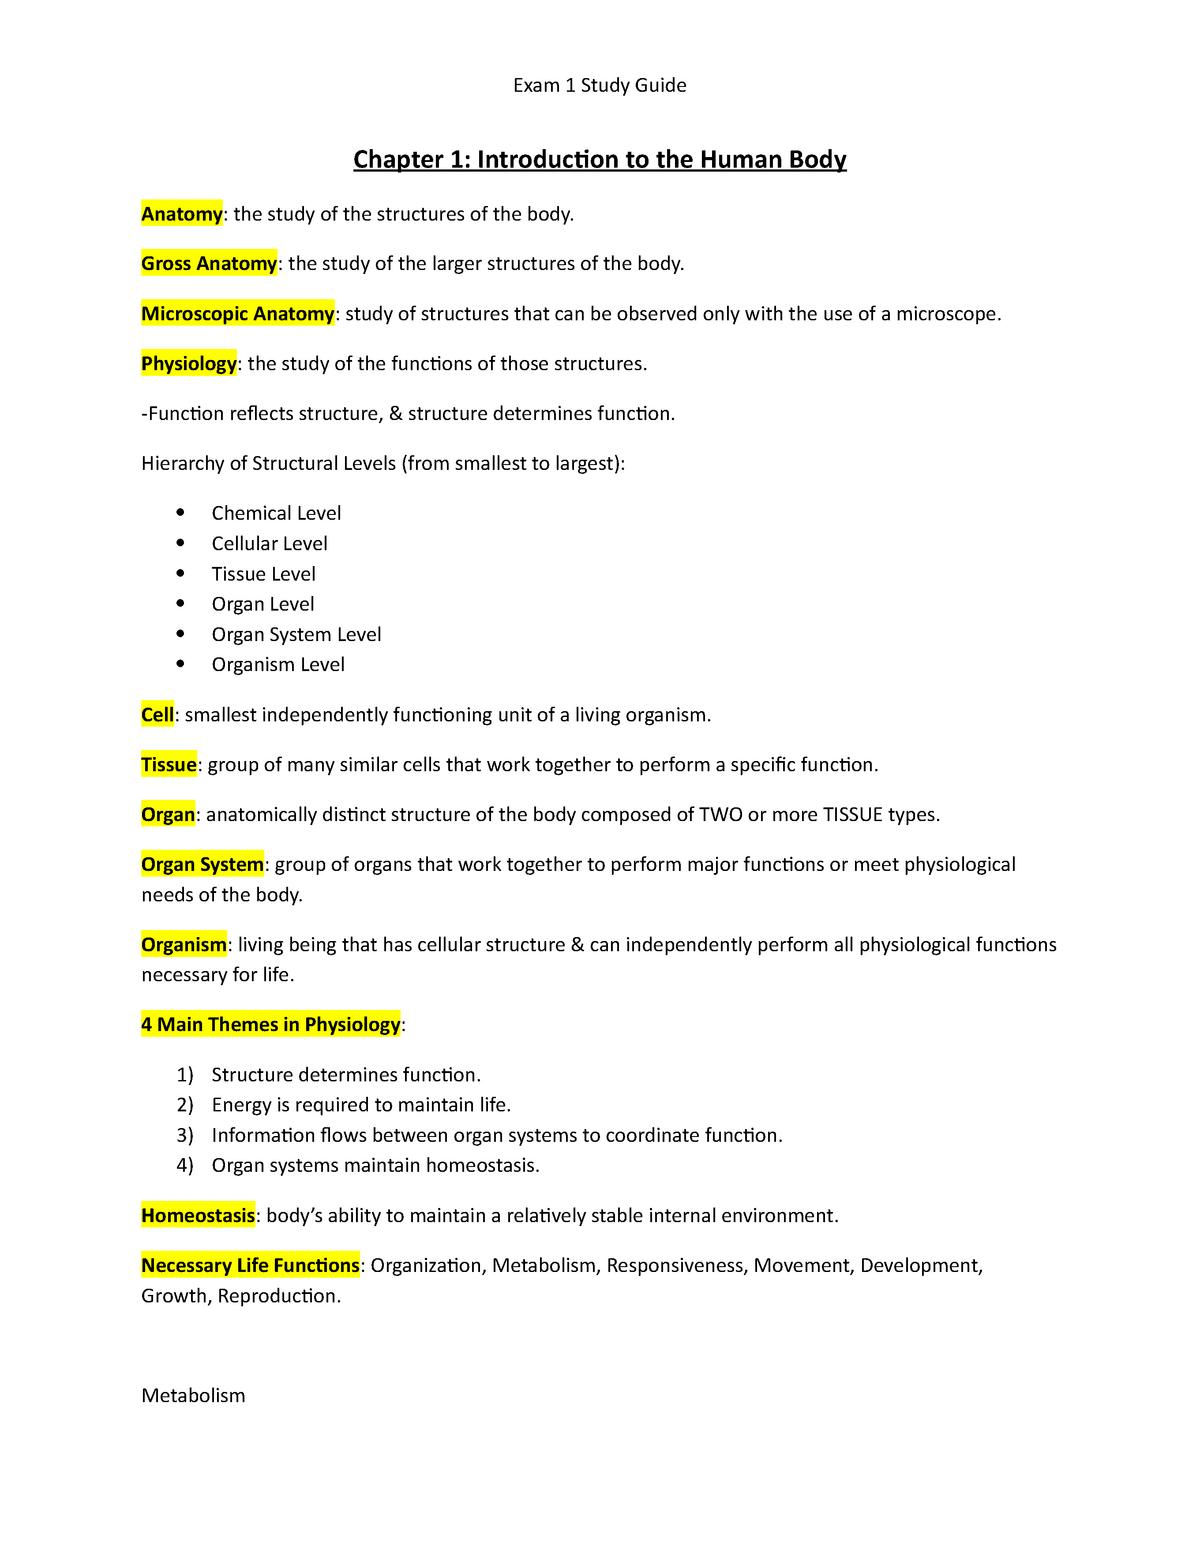 Ornithology Exam 1 Manual Guide